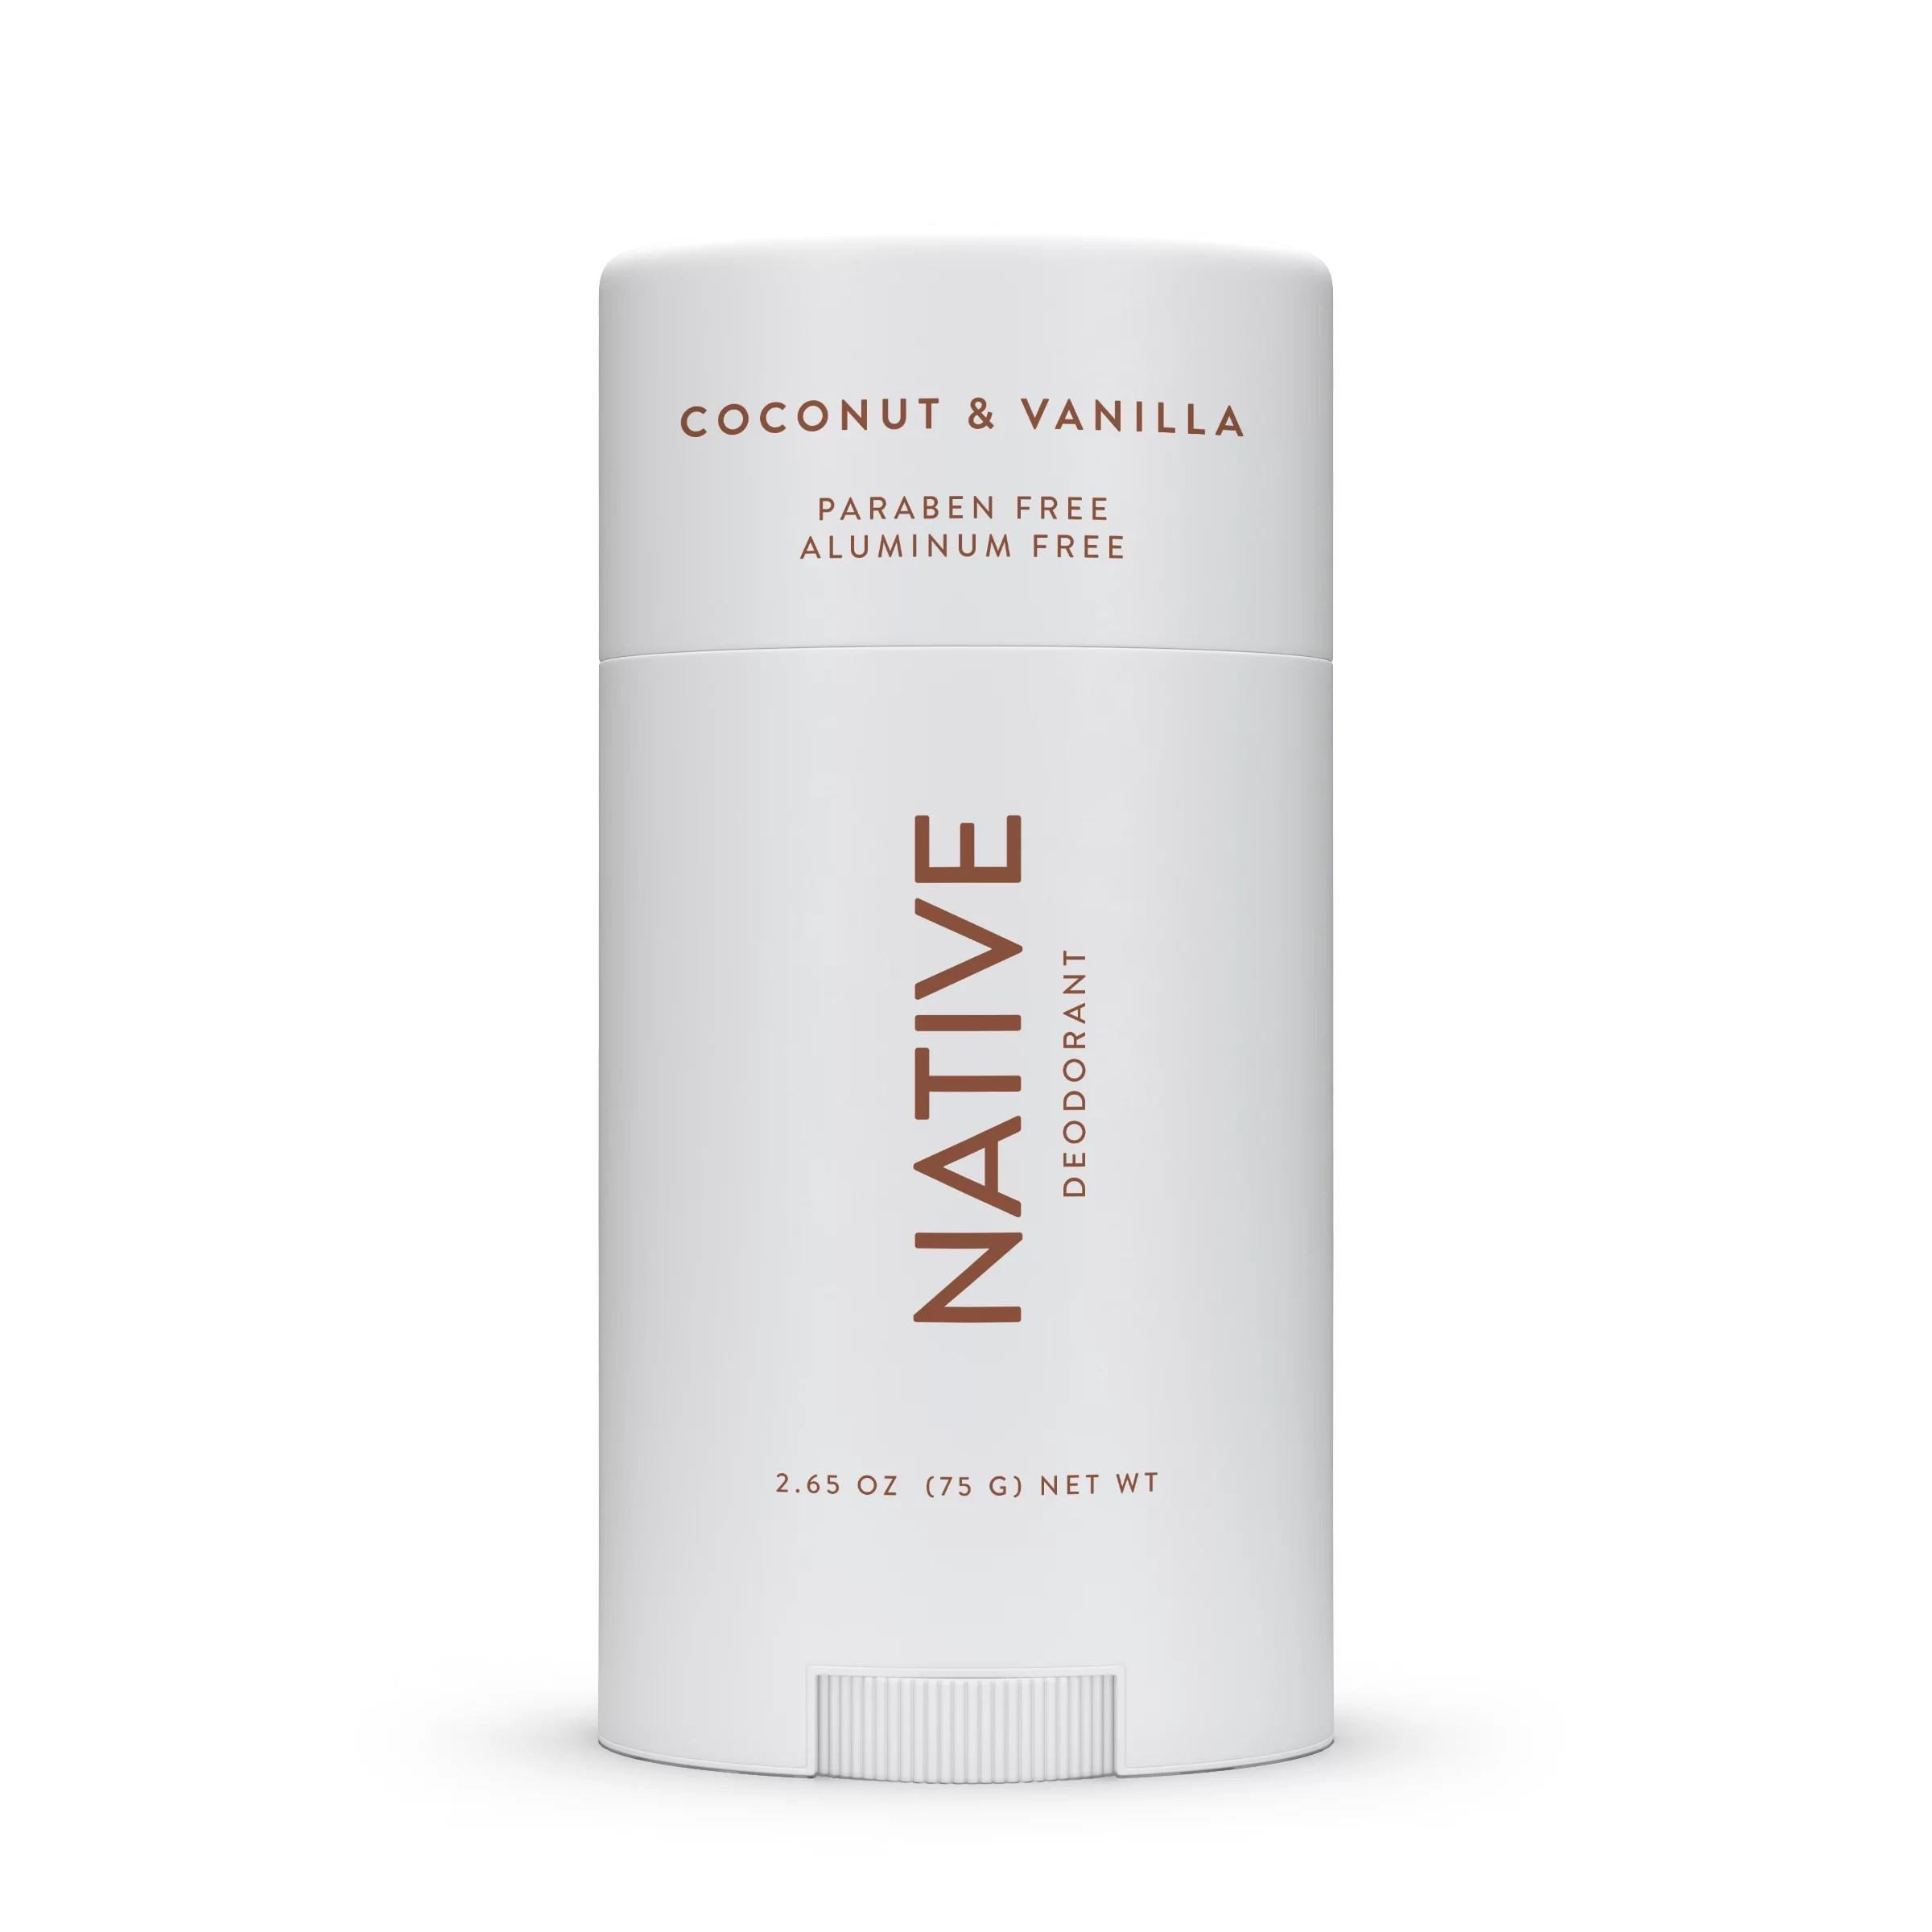 native natural deodorant coconut and vanilla aluminum free 2 65 oz walmart com